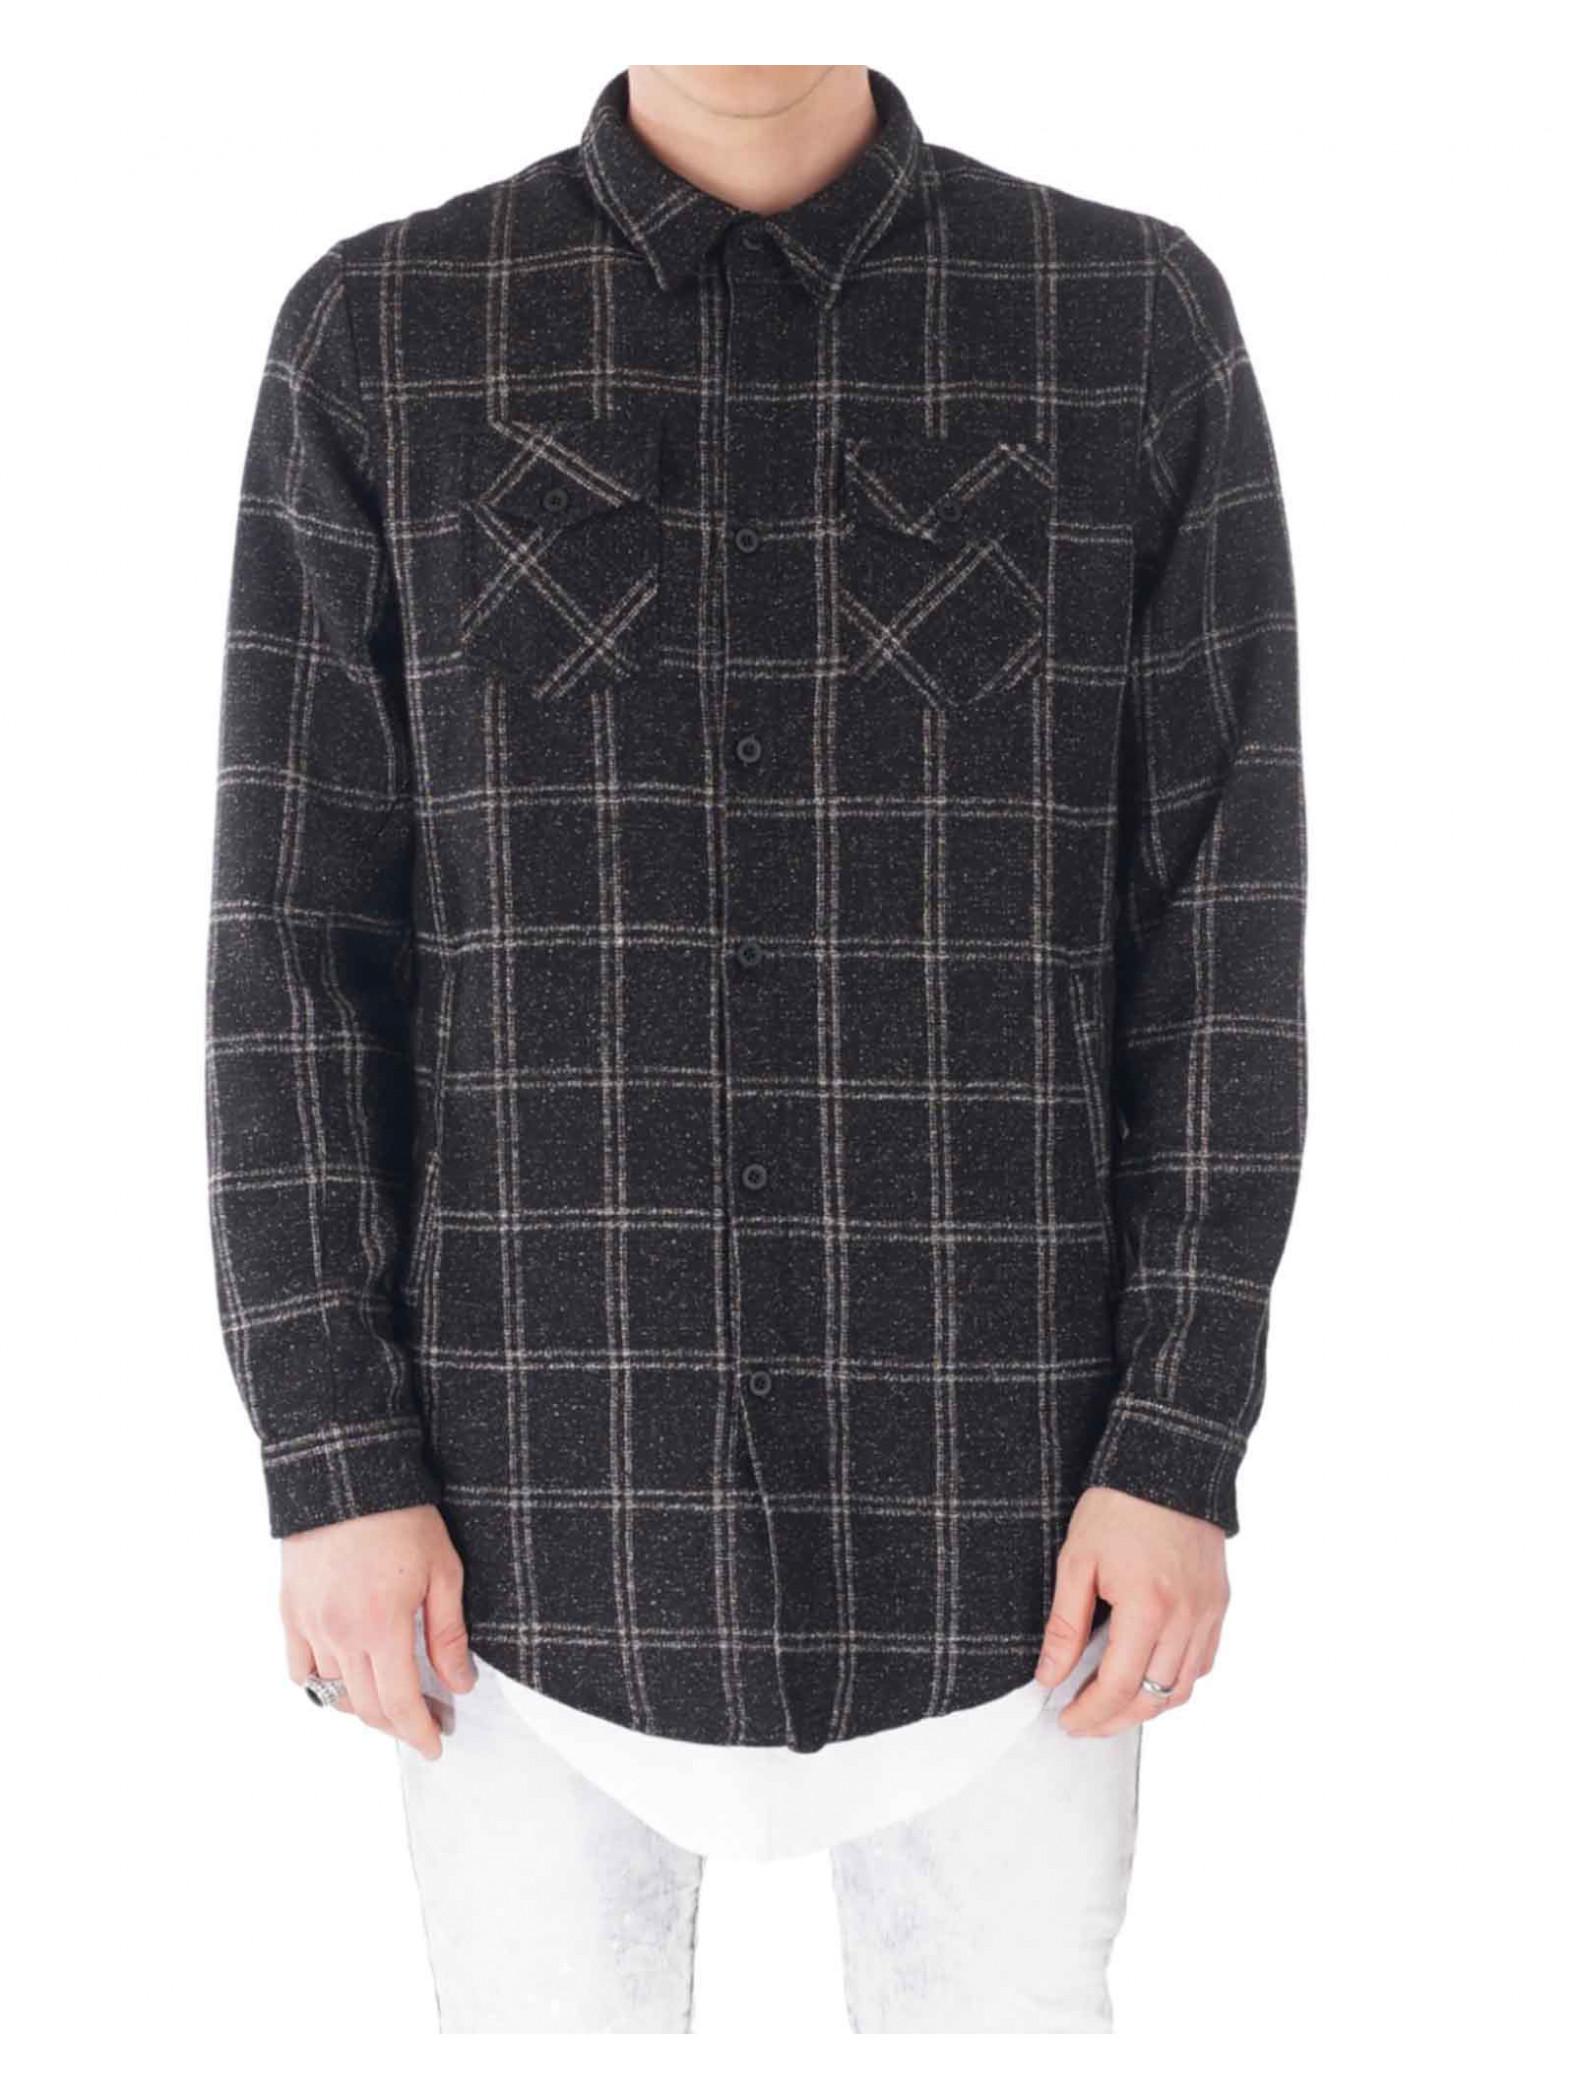 chemise carreaux homme project x paris 88166603 projectx paris. Black Bedroom Furniture Sets. Home Design Ideas